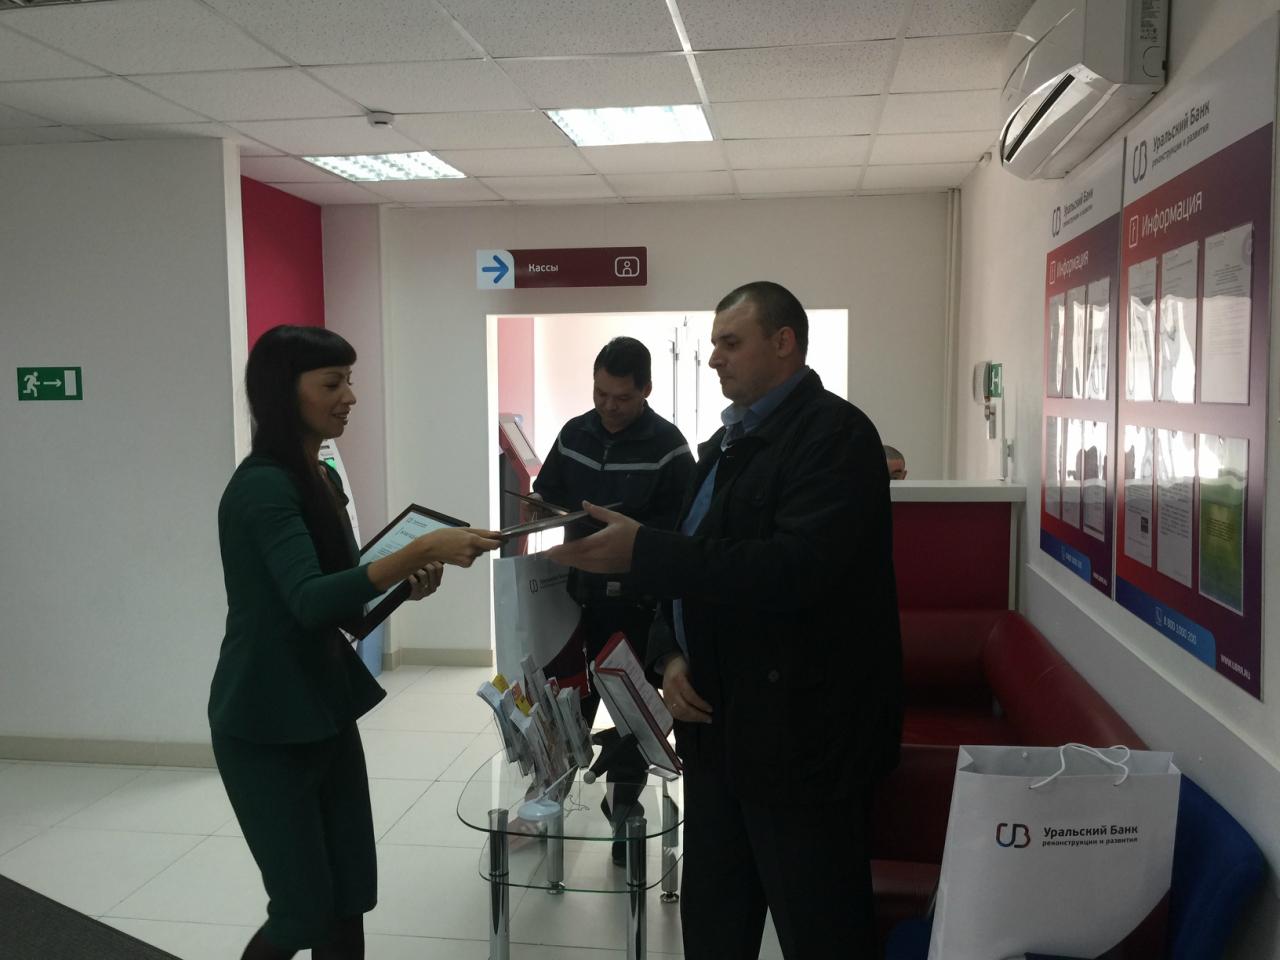 УБРиР поблагодарил клиентов, предотвративших ограбление в Сургуте 2